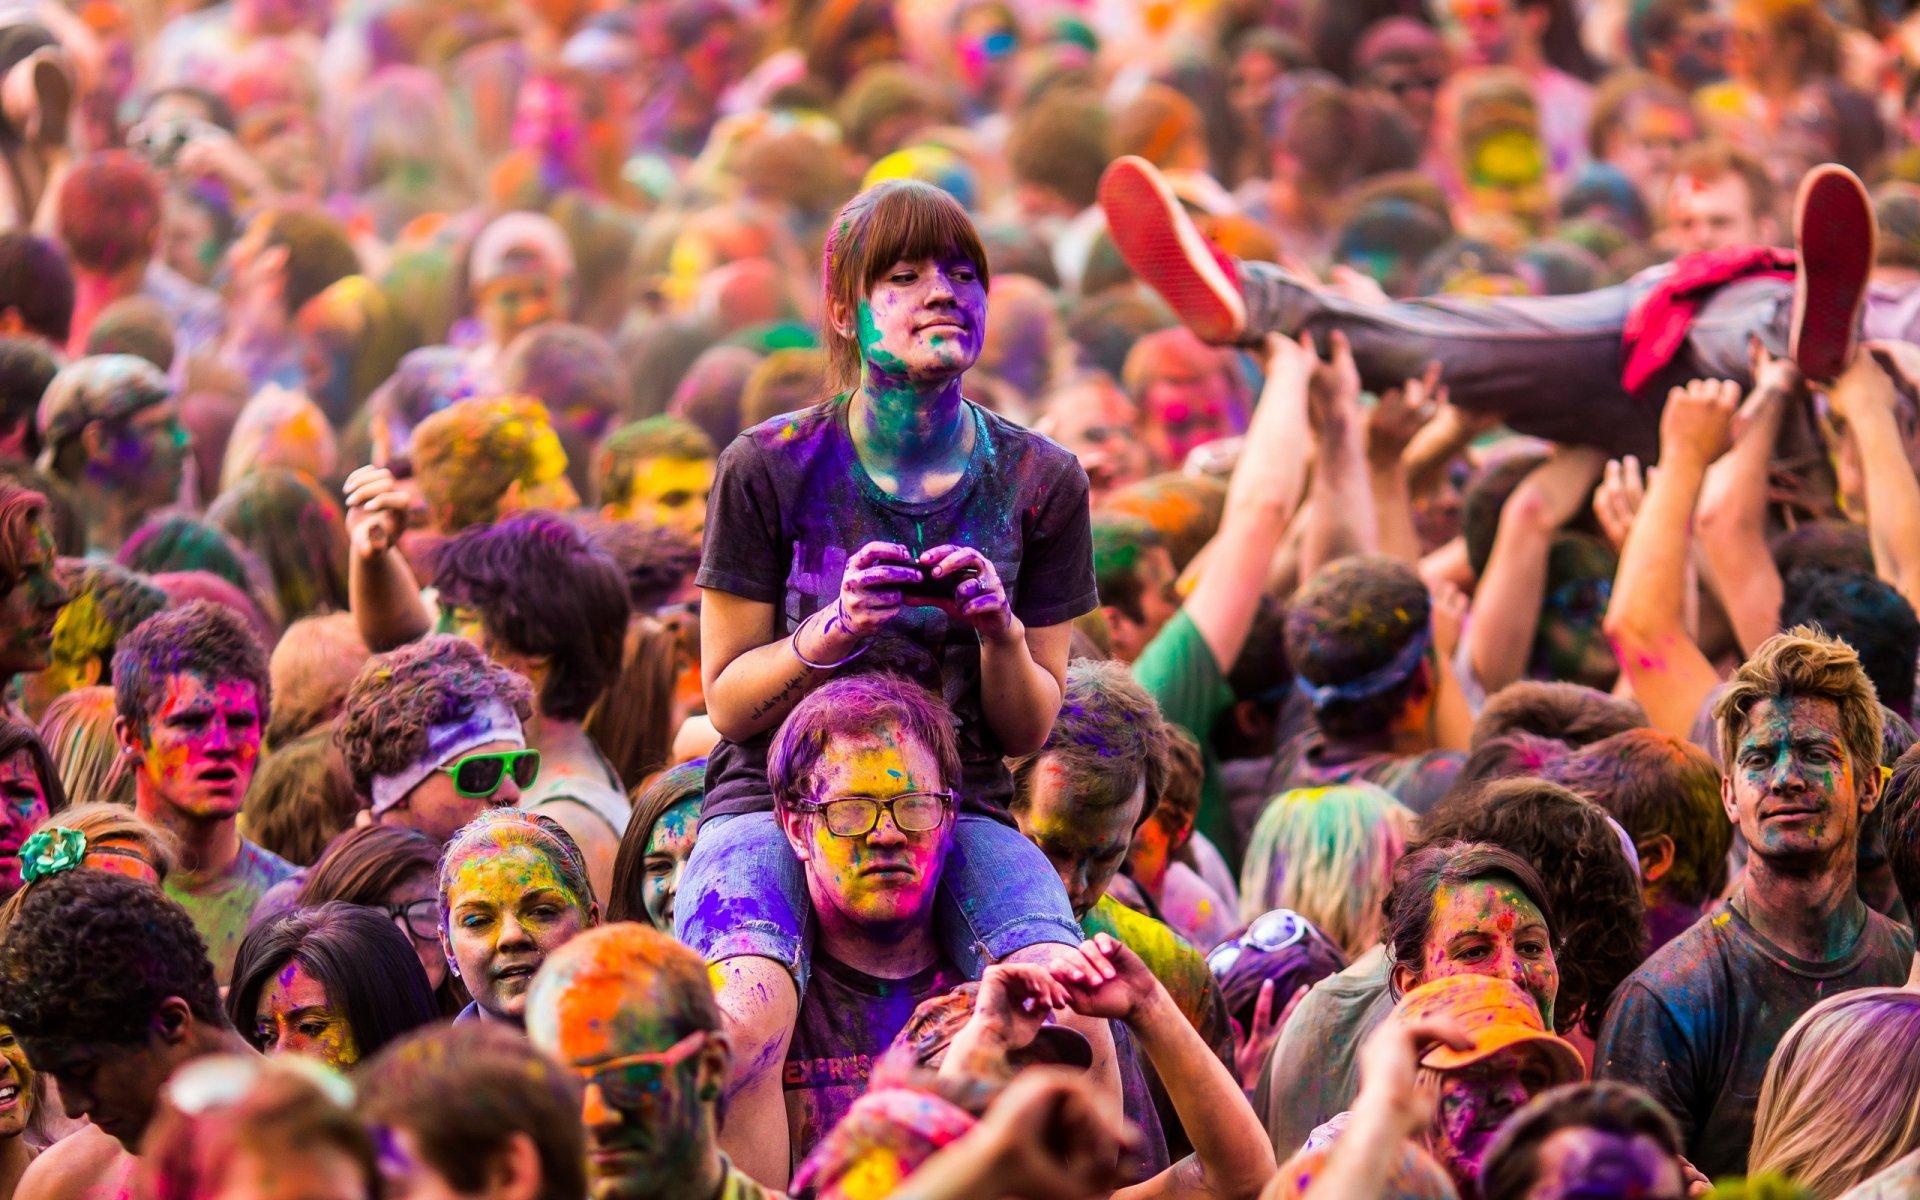 Смешные, картинка с разными цветами для людей